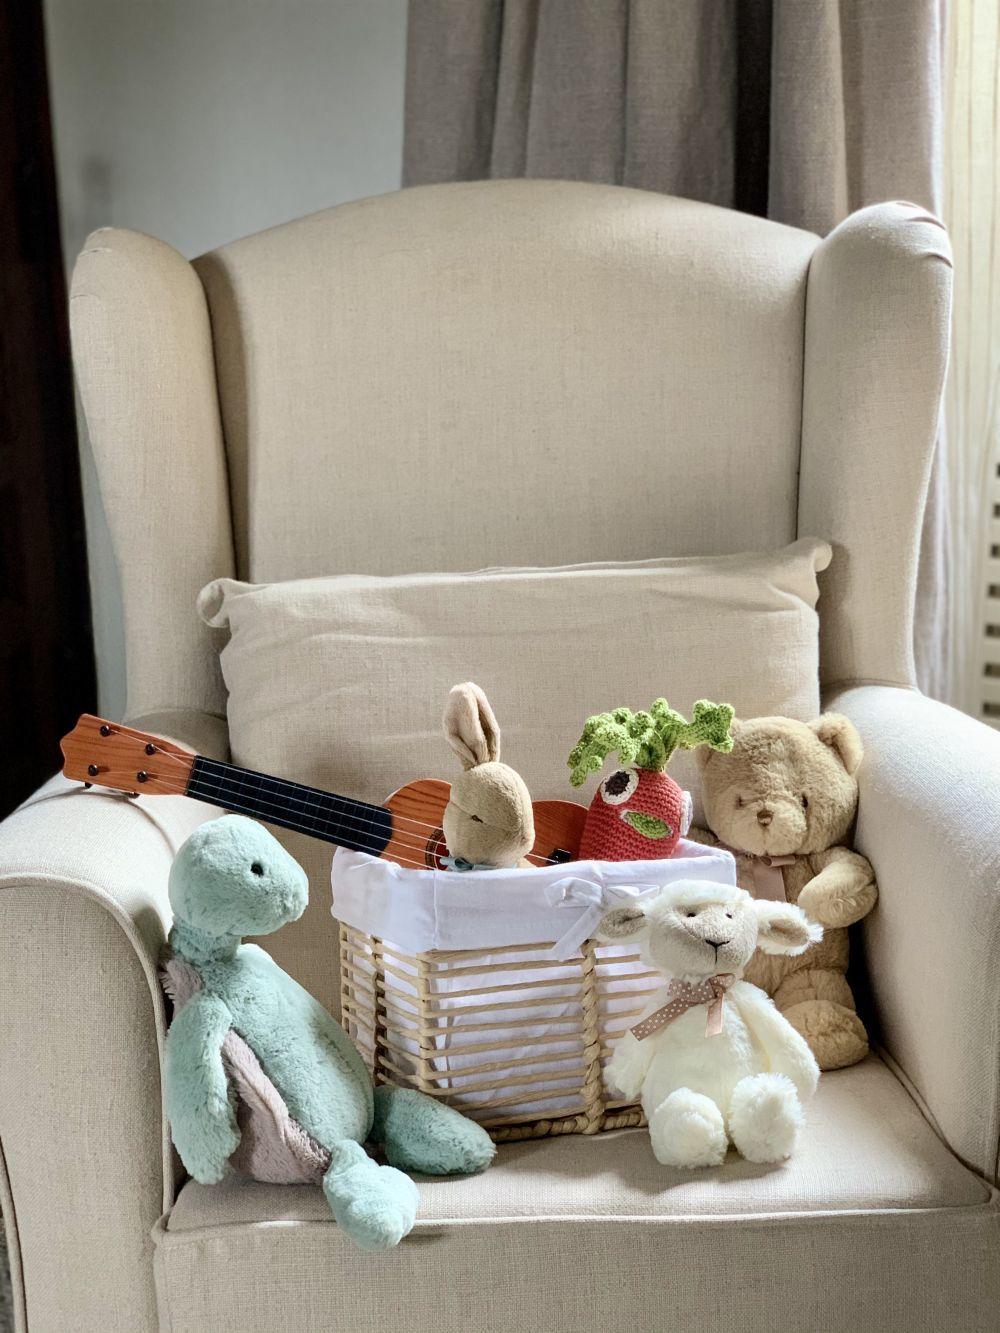 En el cuarto de Pepito, alguno de sus juguetes.